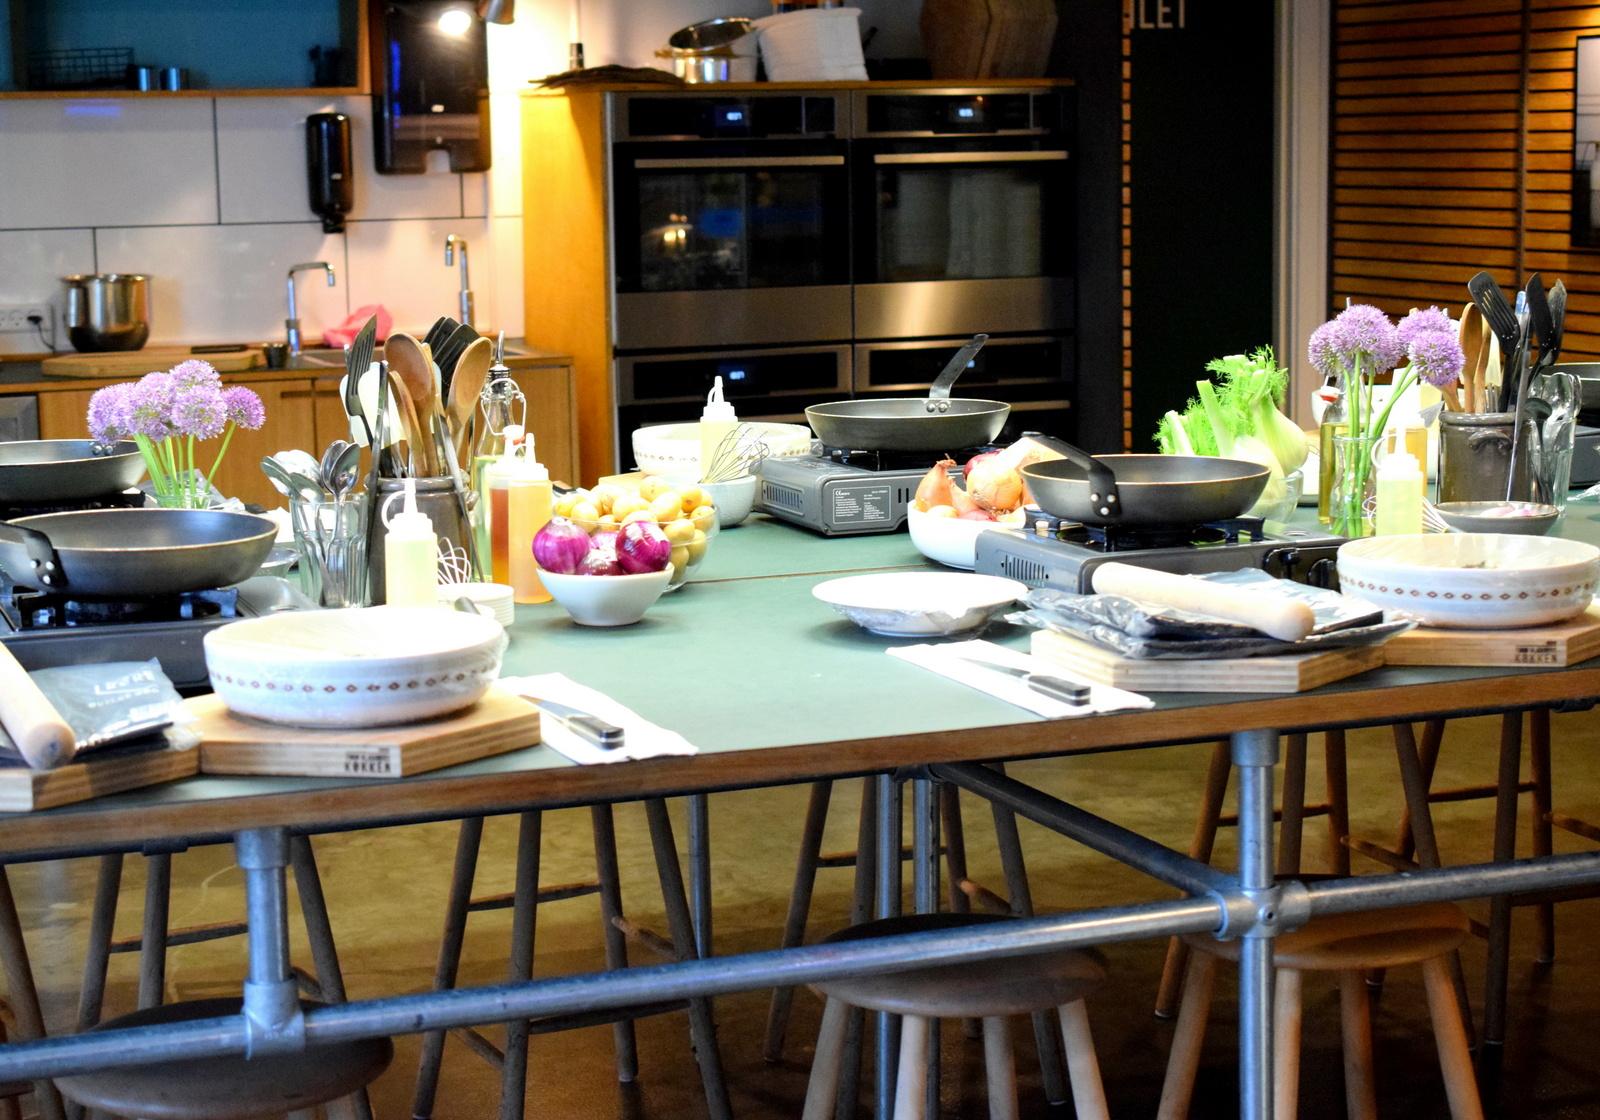 Timm Vladimirs Küche und Kochschule in Kopenhagen. Empfehlung für Städtereise in Europa